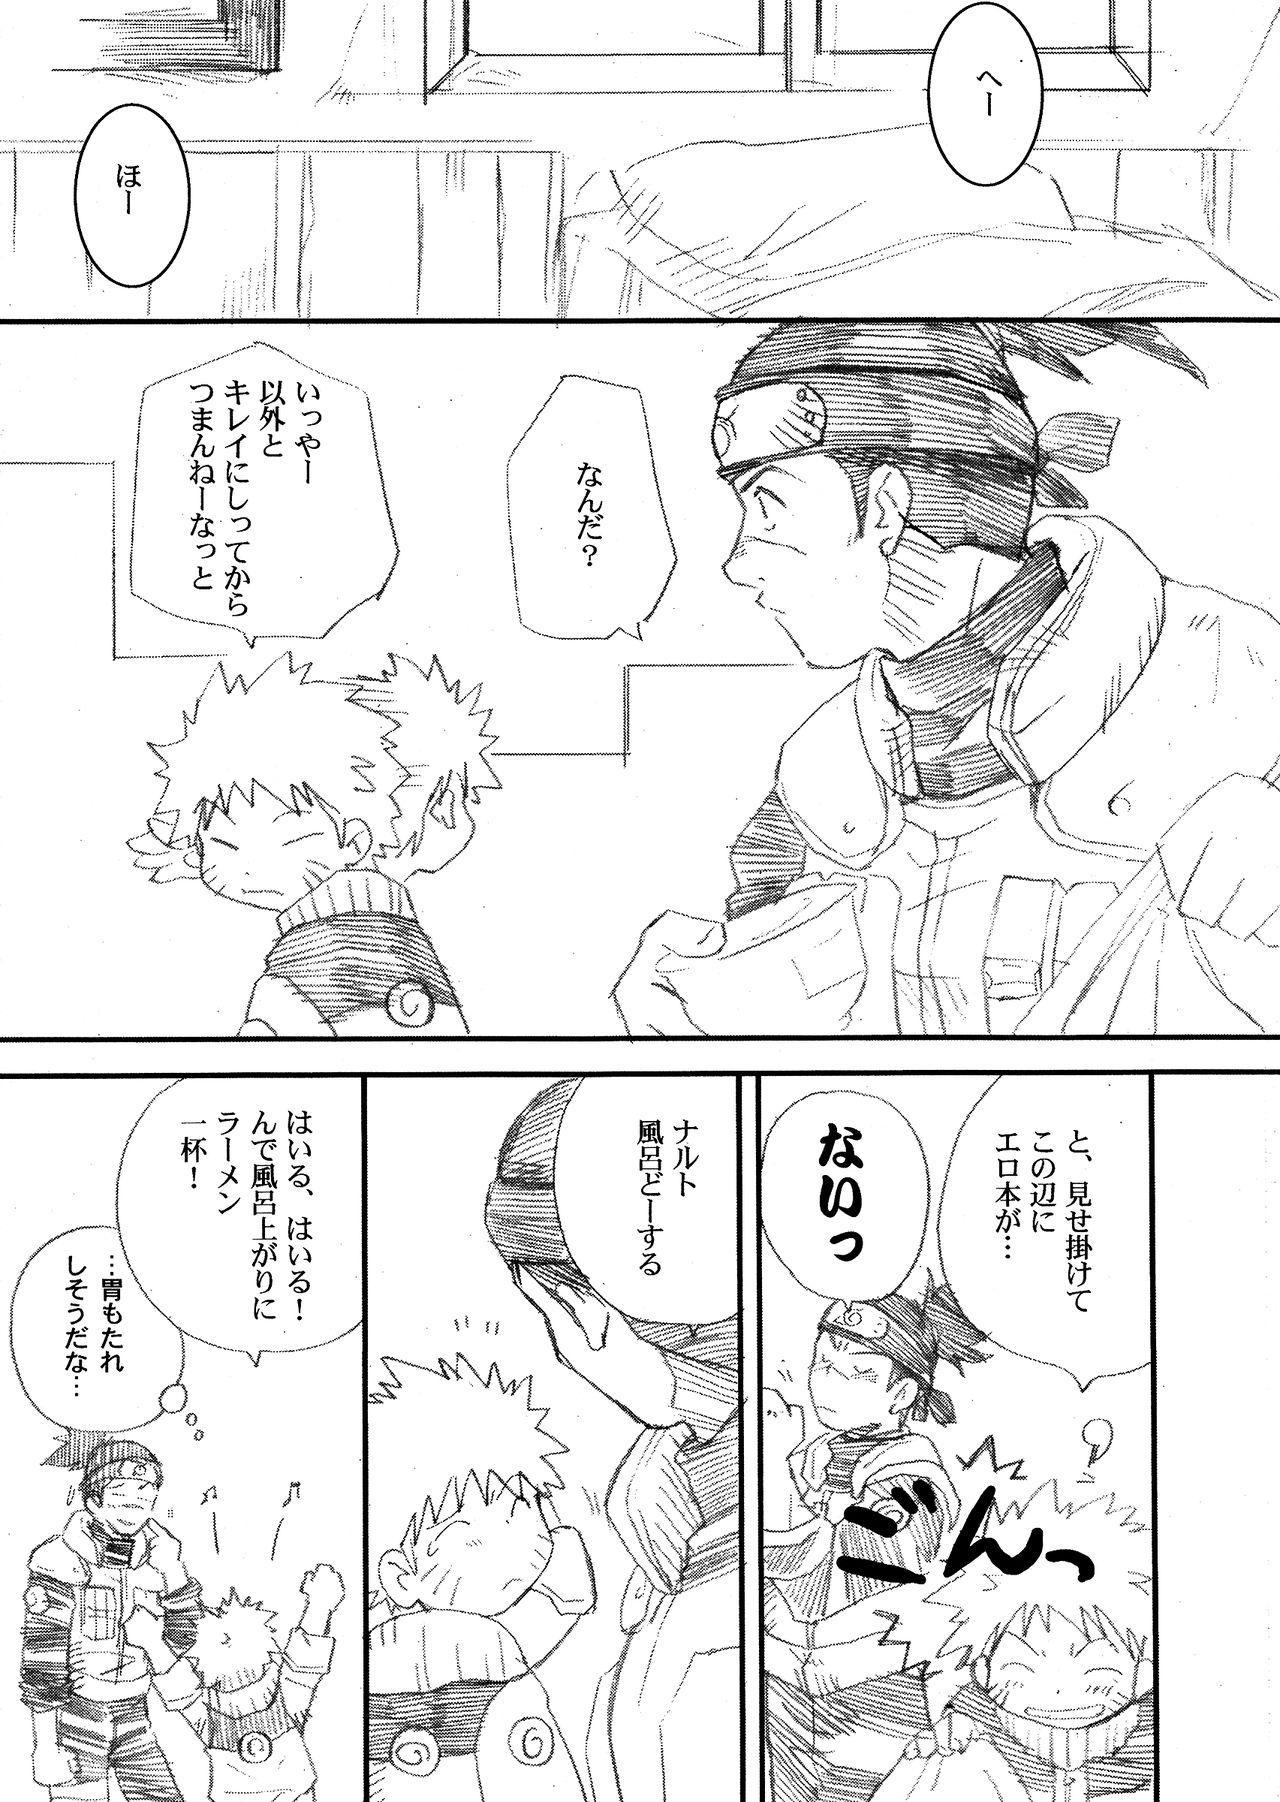 IruNaru no Wadachi 4